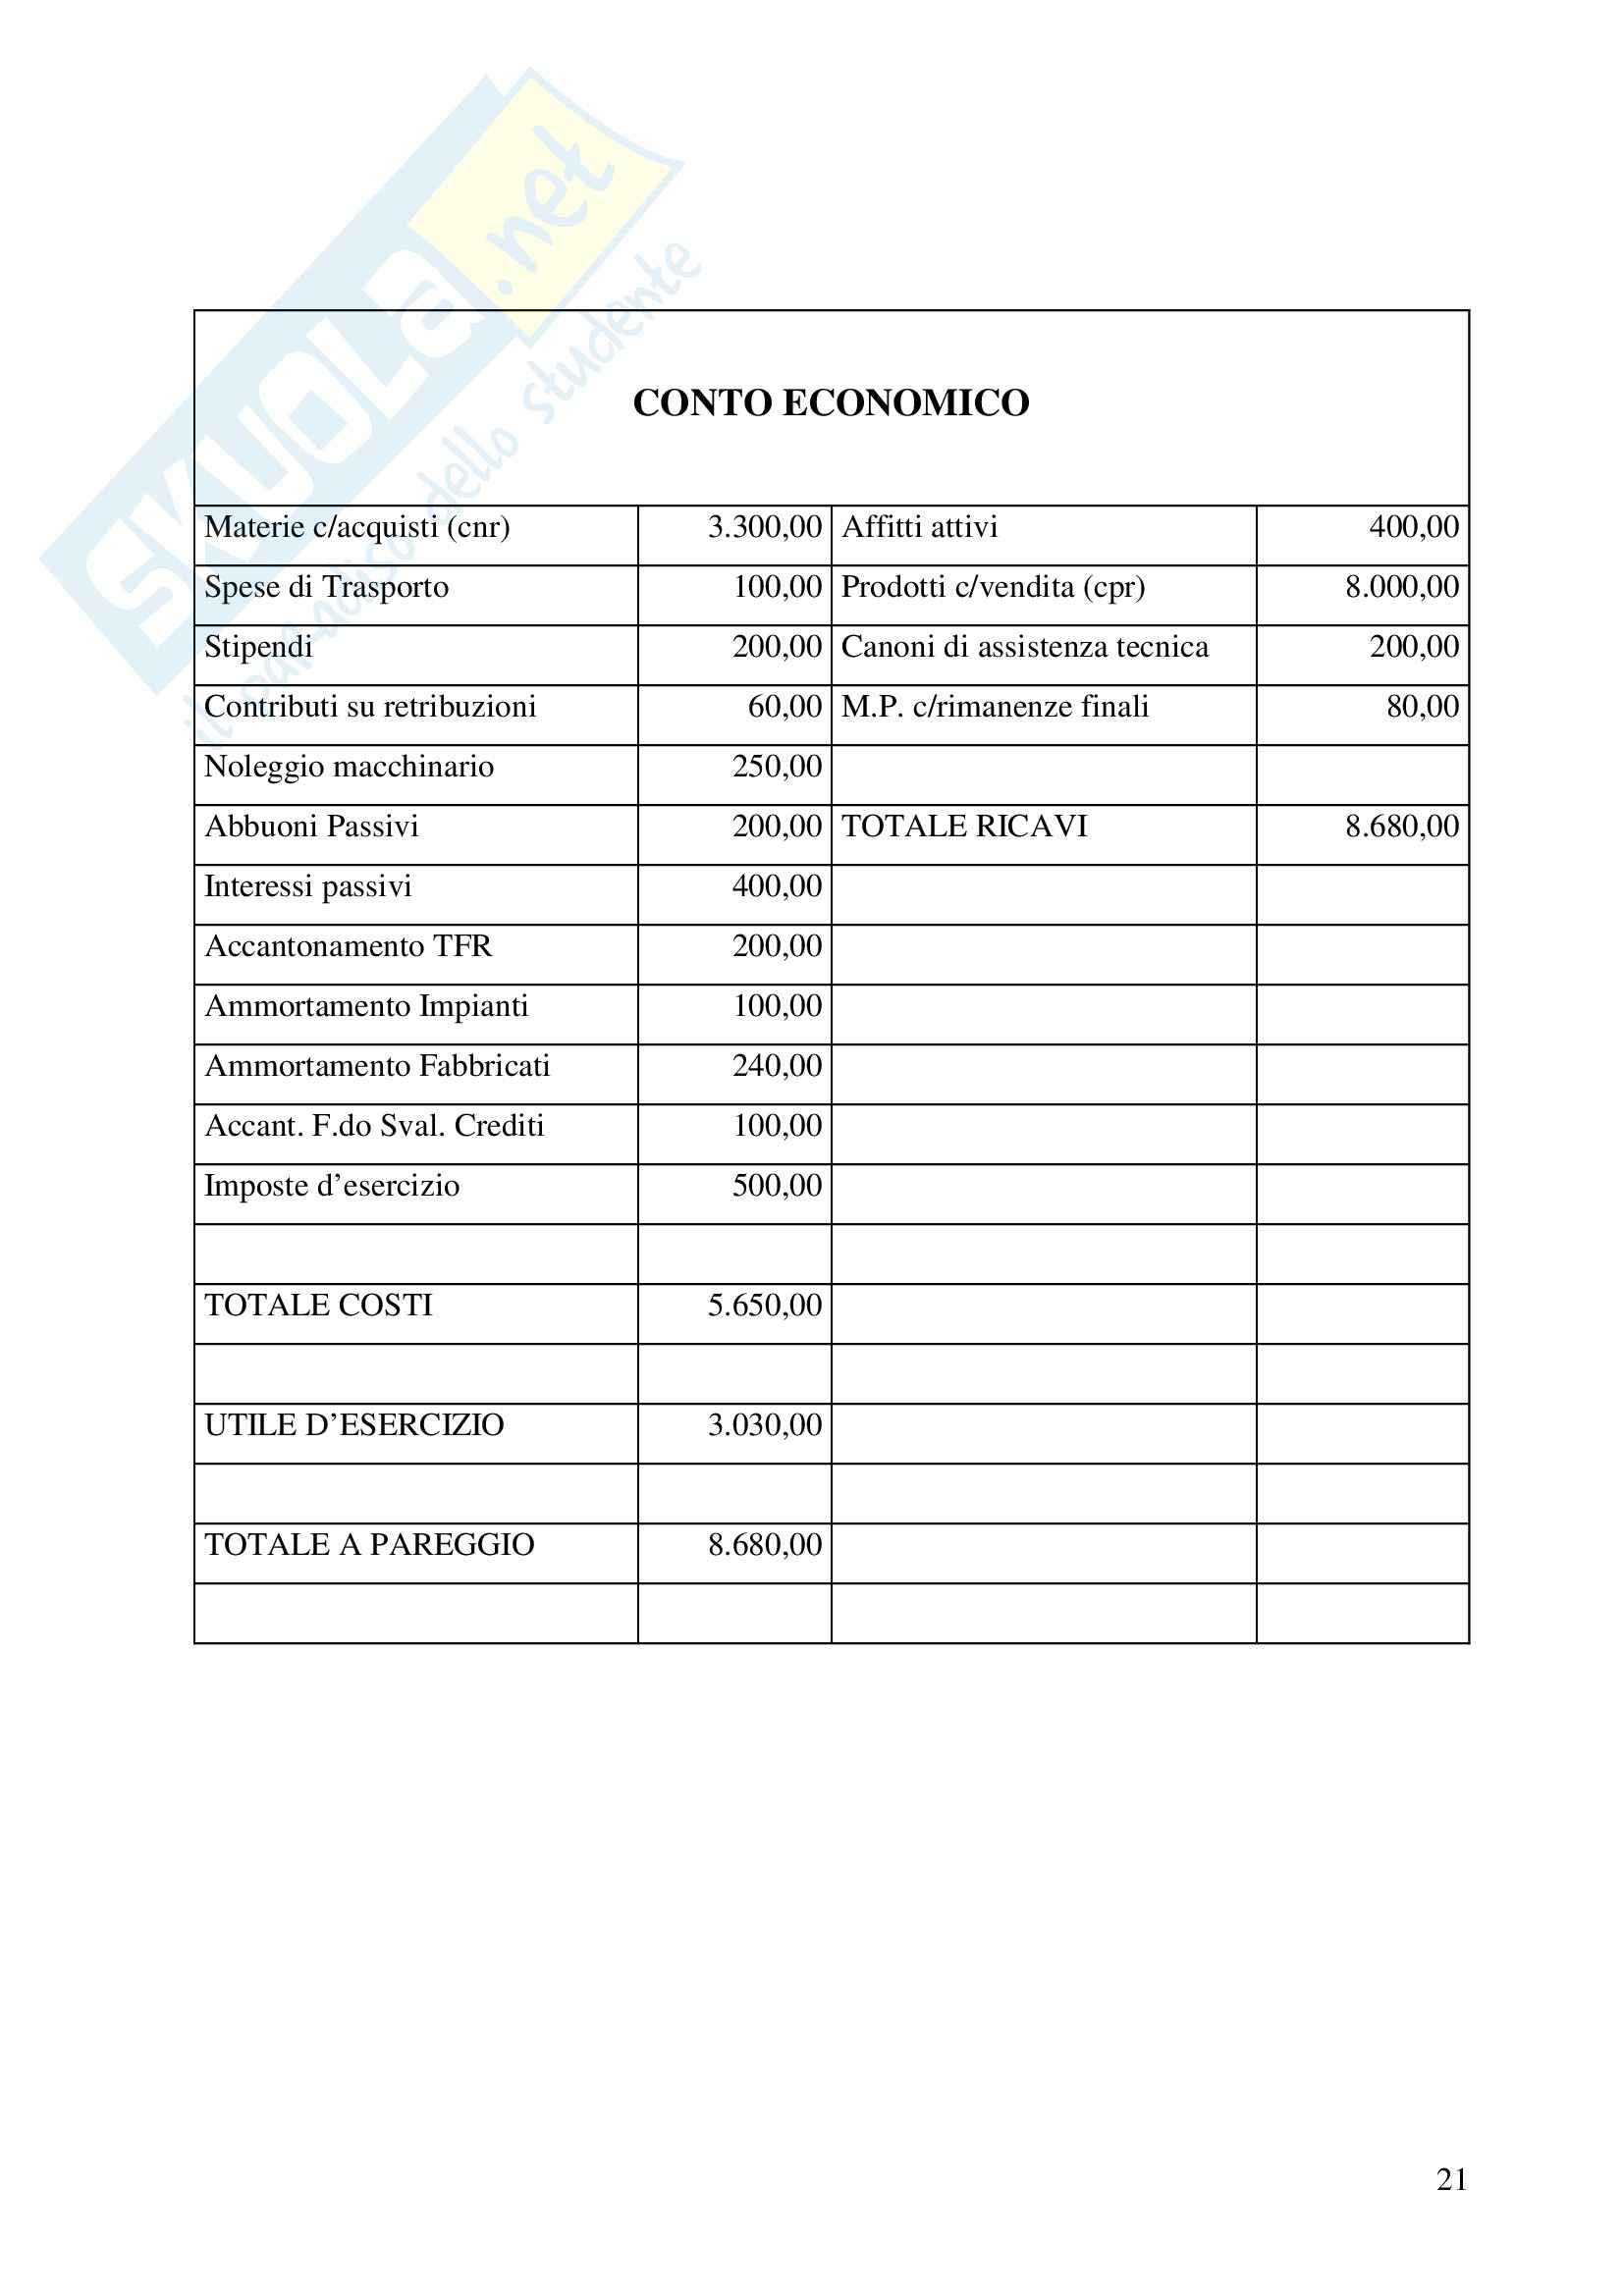 Reddito d'esercizio Pag. 21